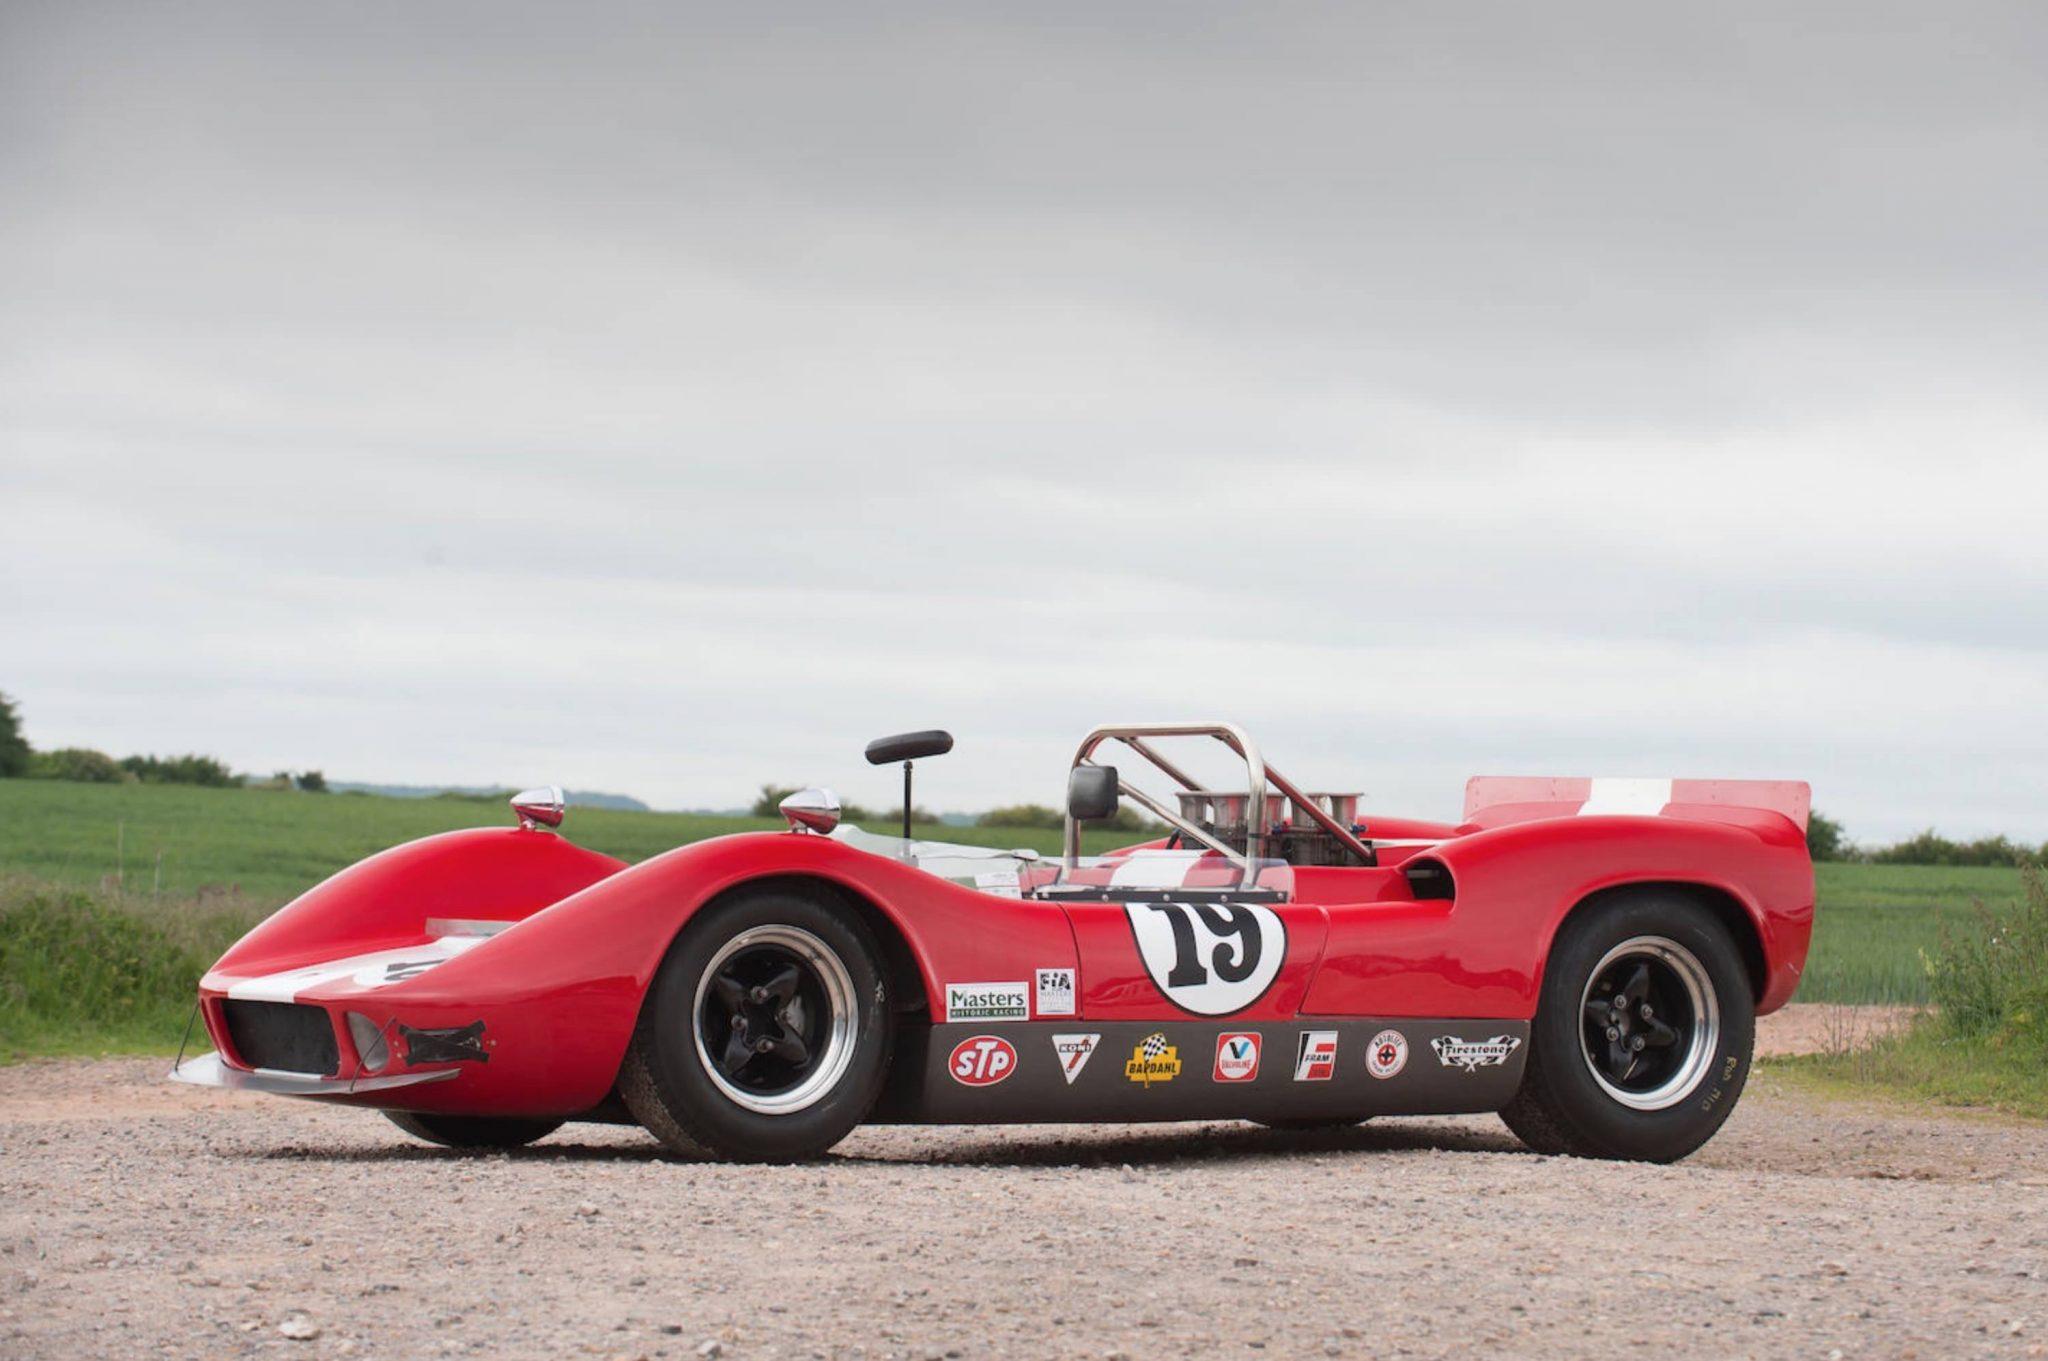 1965 McLaren M1B Group 7 Can Am Racer